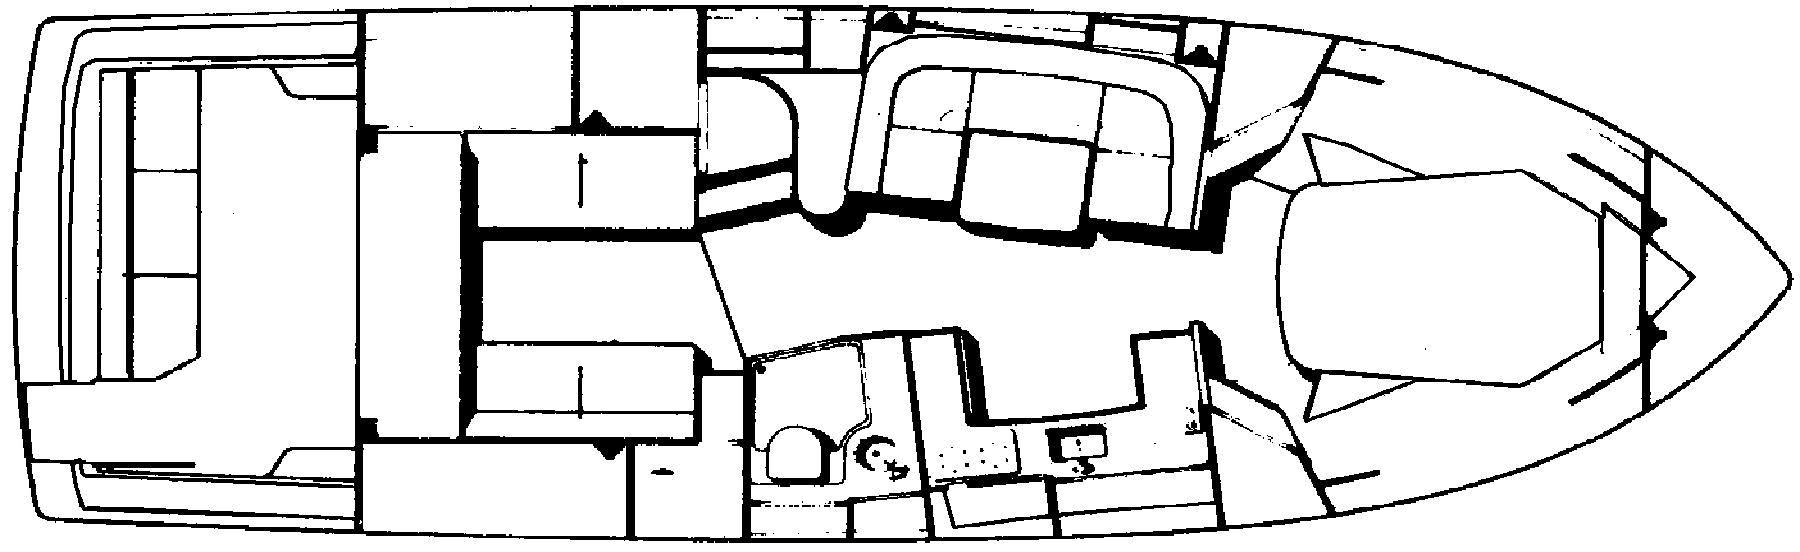 35 PC Floor Plan 1